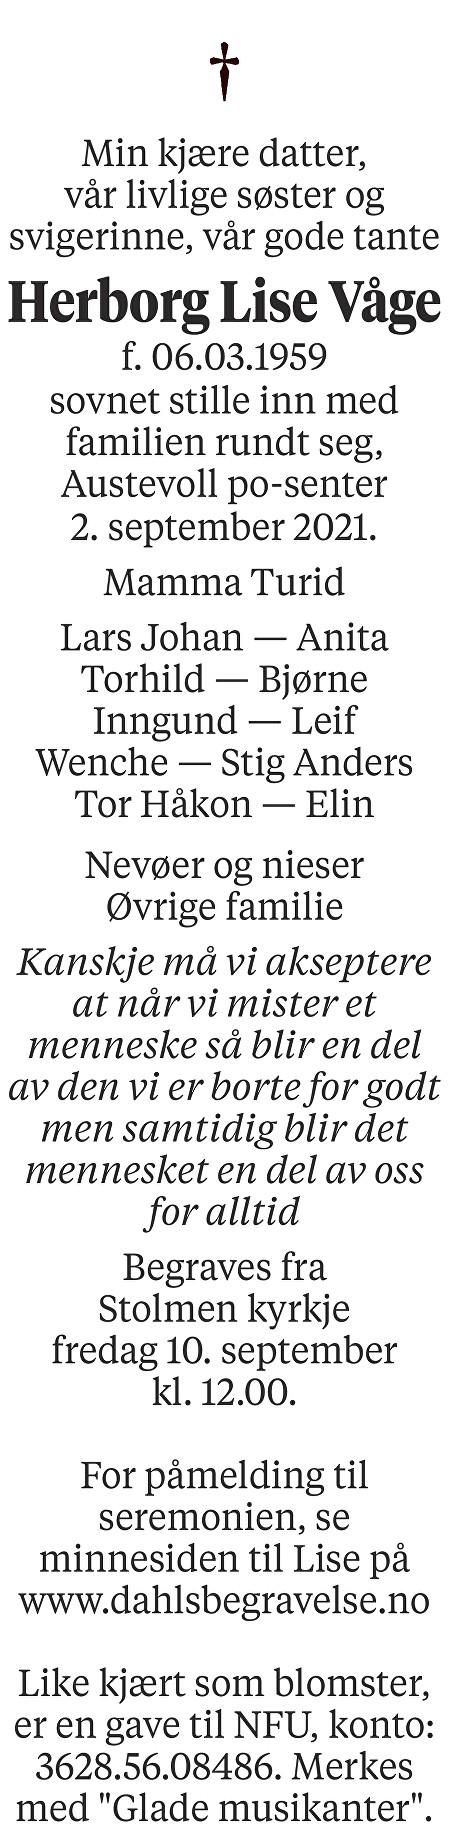 Herborg Lise Våge Dødsannonse